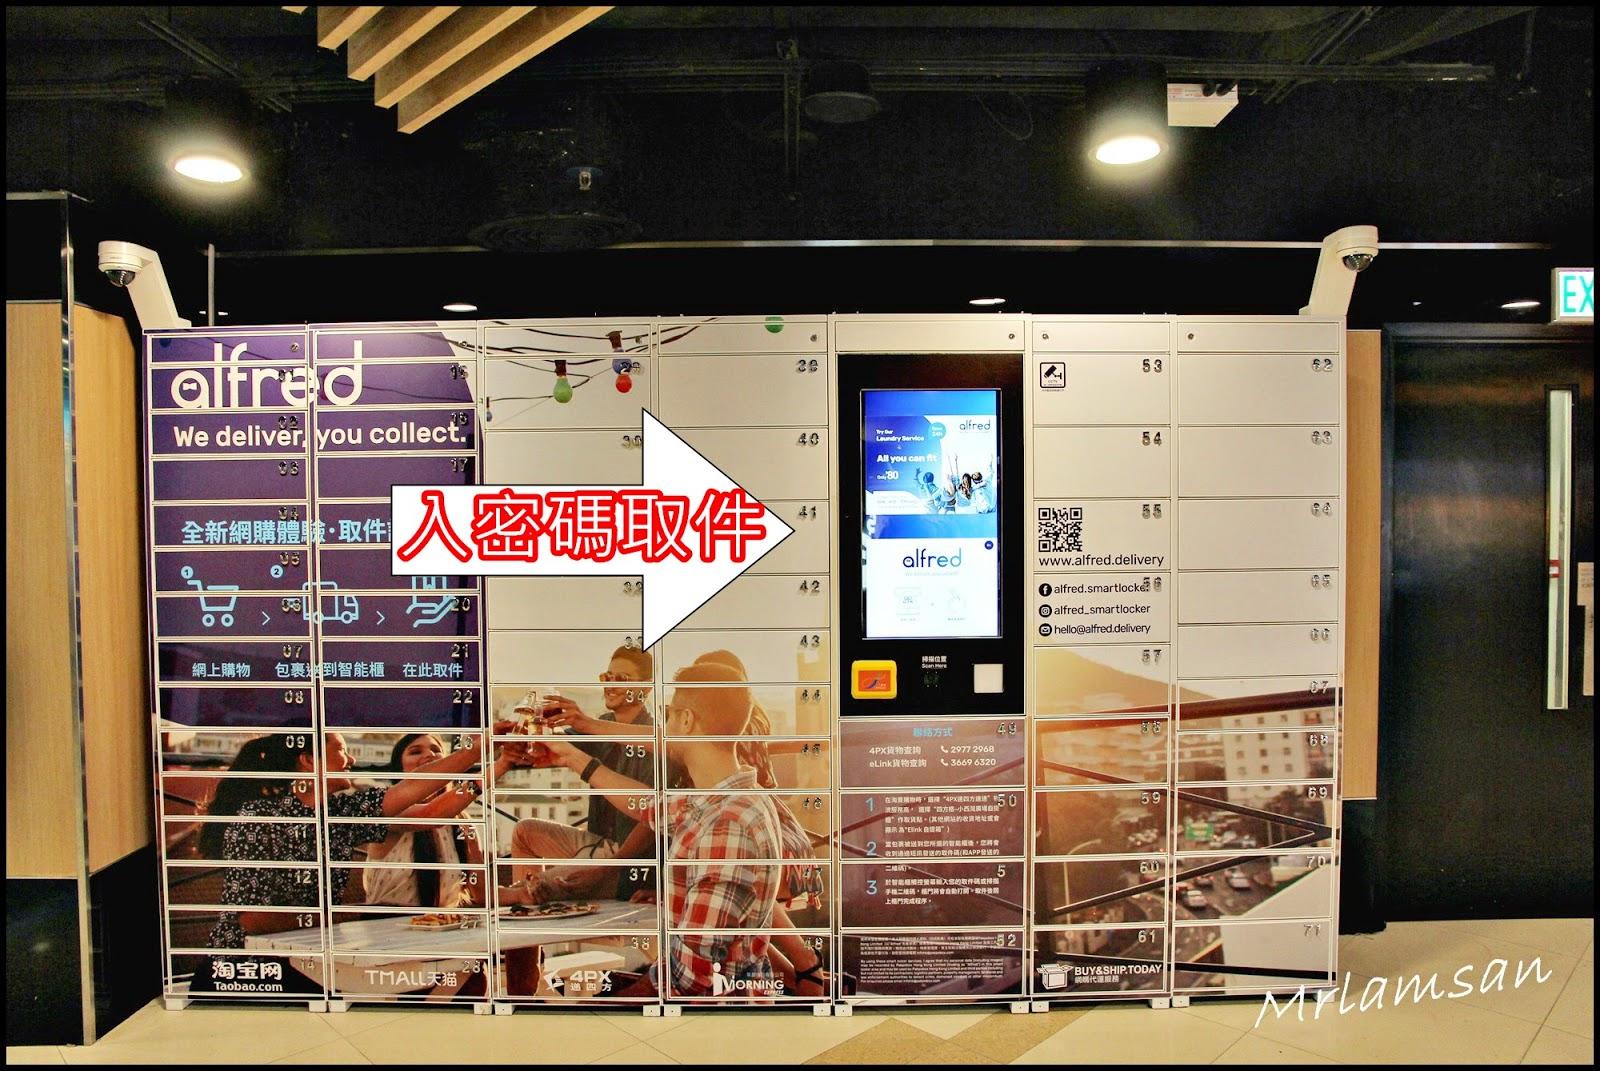 淘寶 官方 物流 集運 直送 海外 香港 集運 菜鳥 4PX 遞四方 自提 智能 | 林公子生活遊記 – U Blog 博客